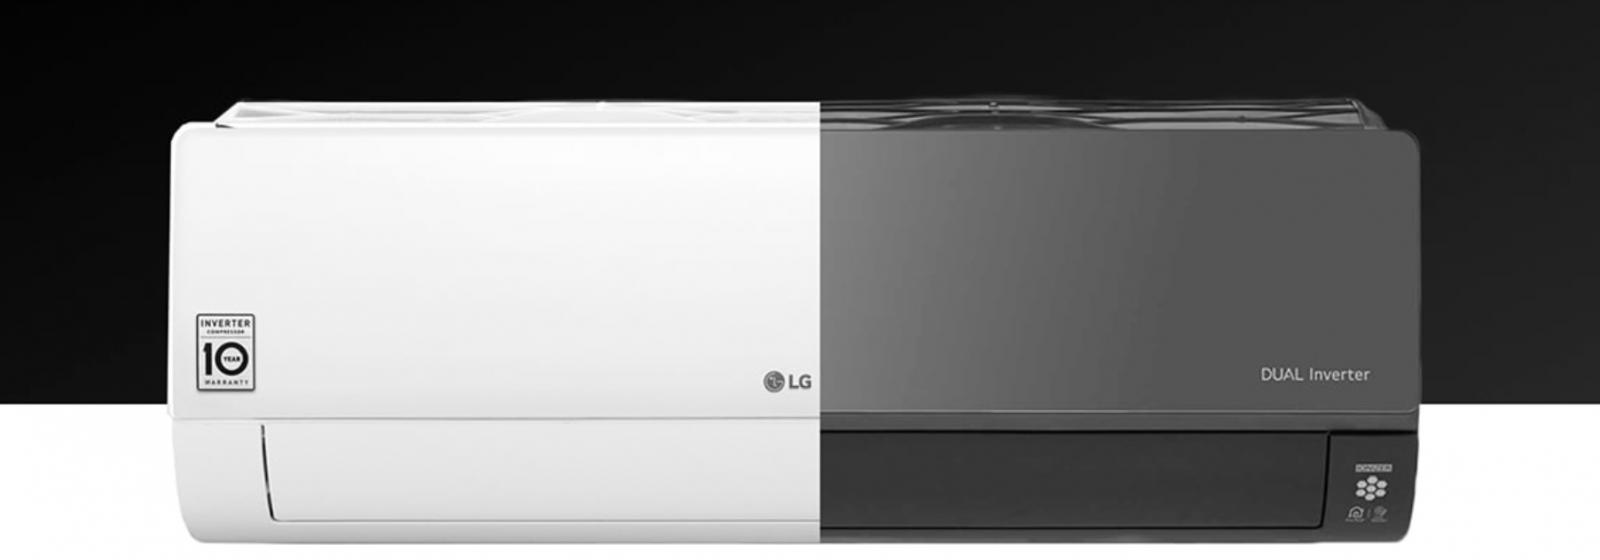 Кондиционеры LG - преимущества